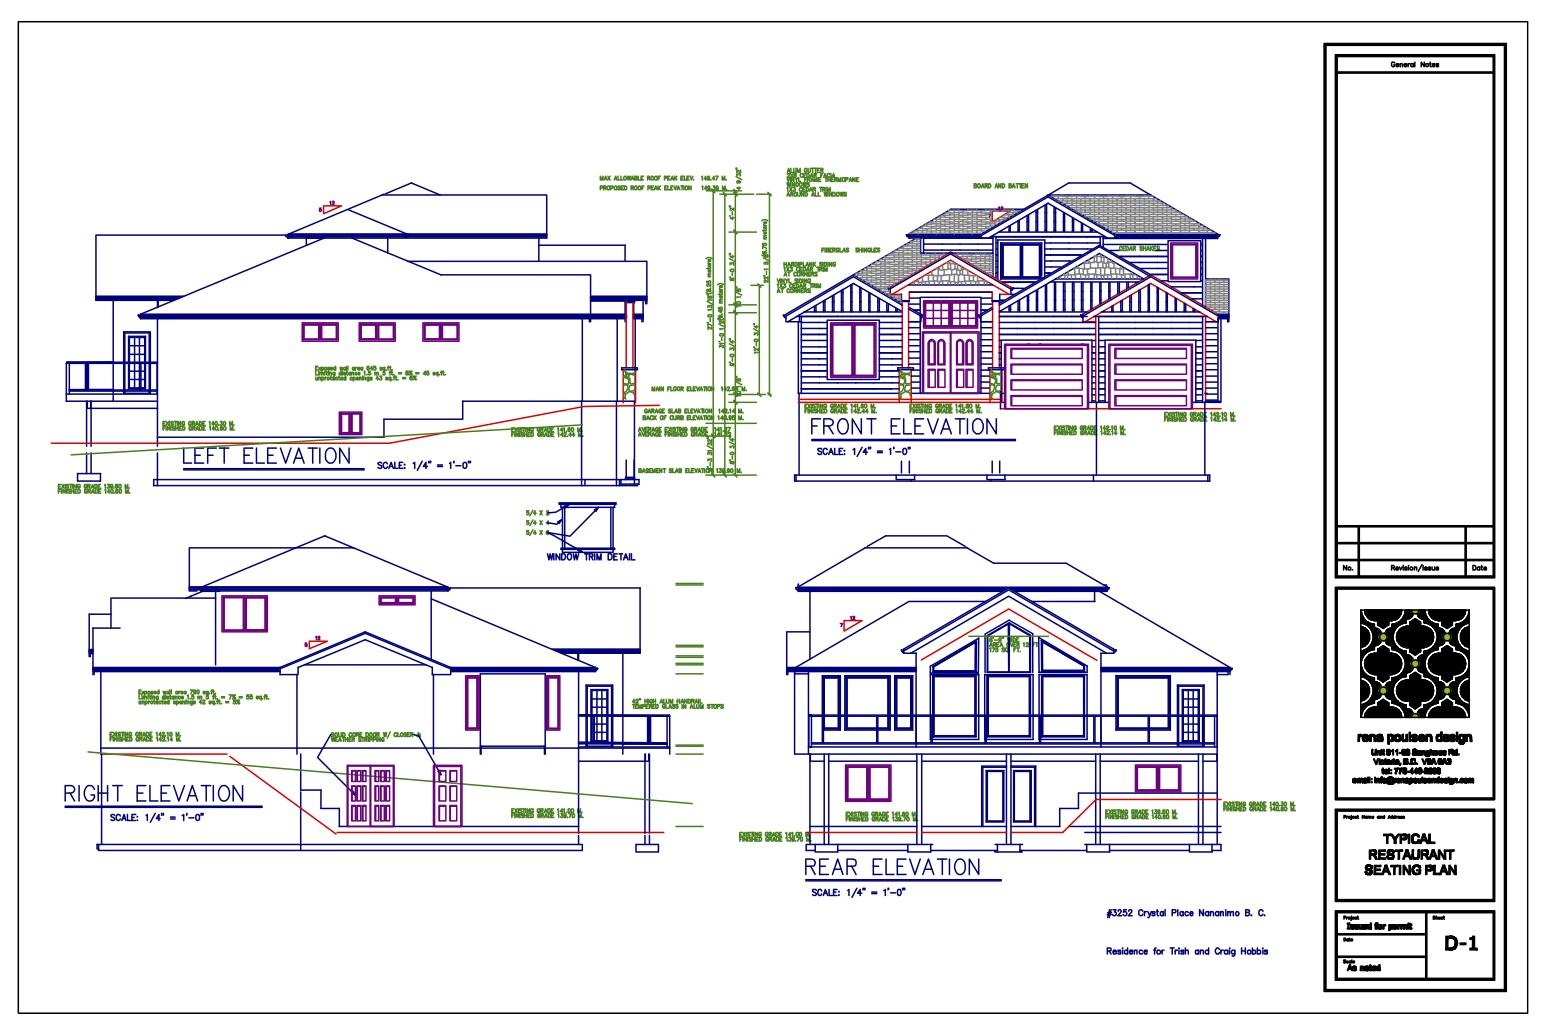 Architecture Design Example simple architecture design example out designs using a